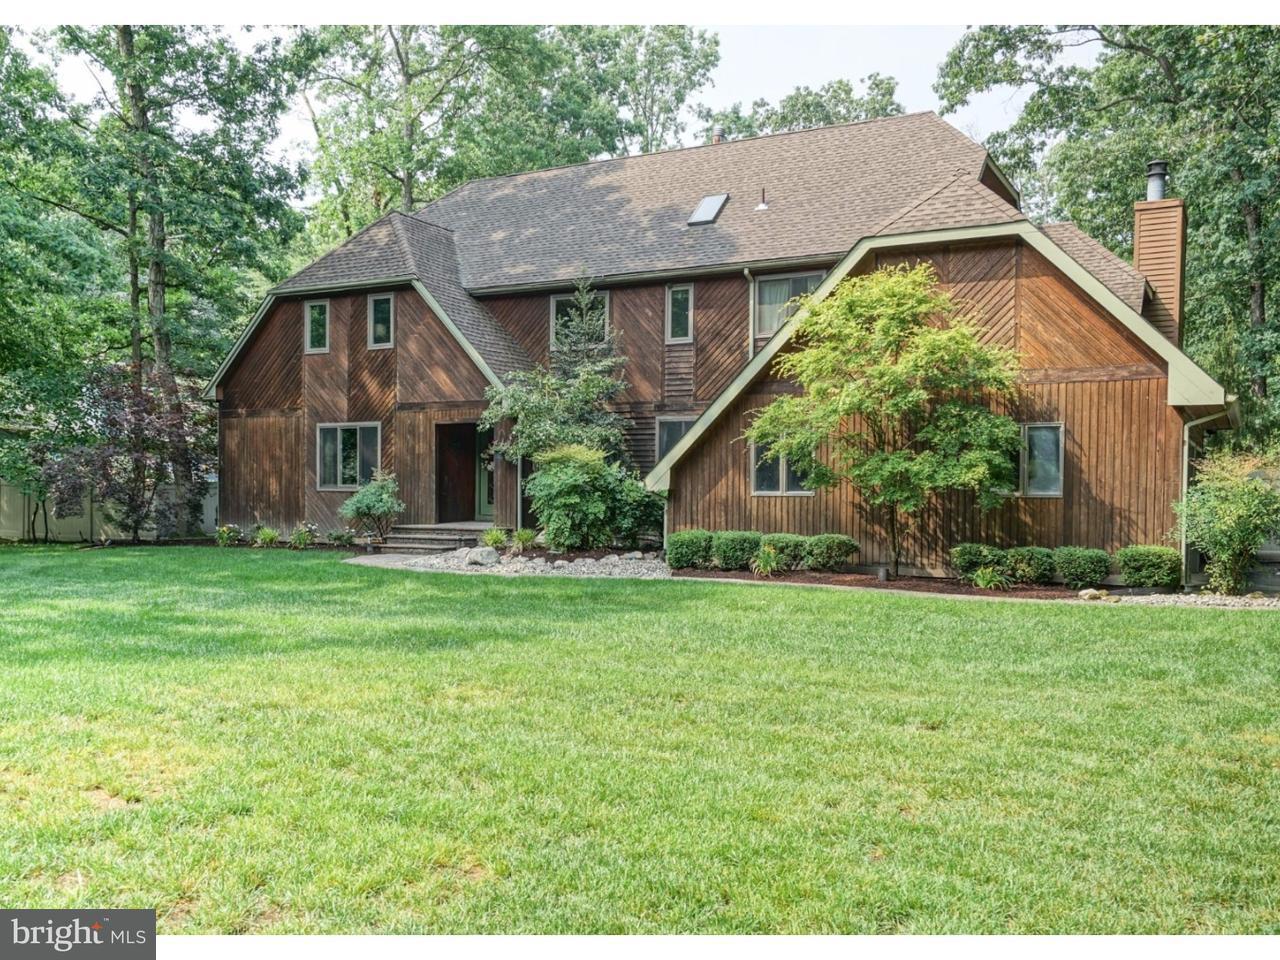 独户住宅 为 销售 在 13 SHADOW LAKE Lane Shamong, 新泽西州 08088 美国